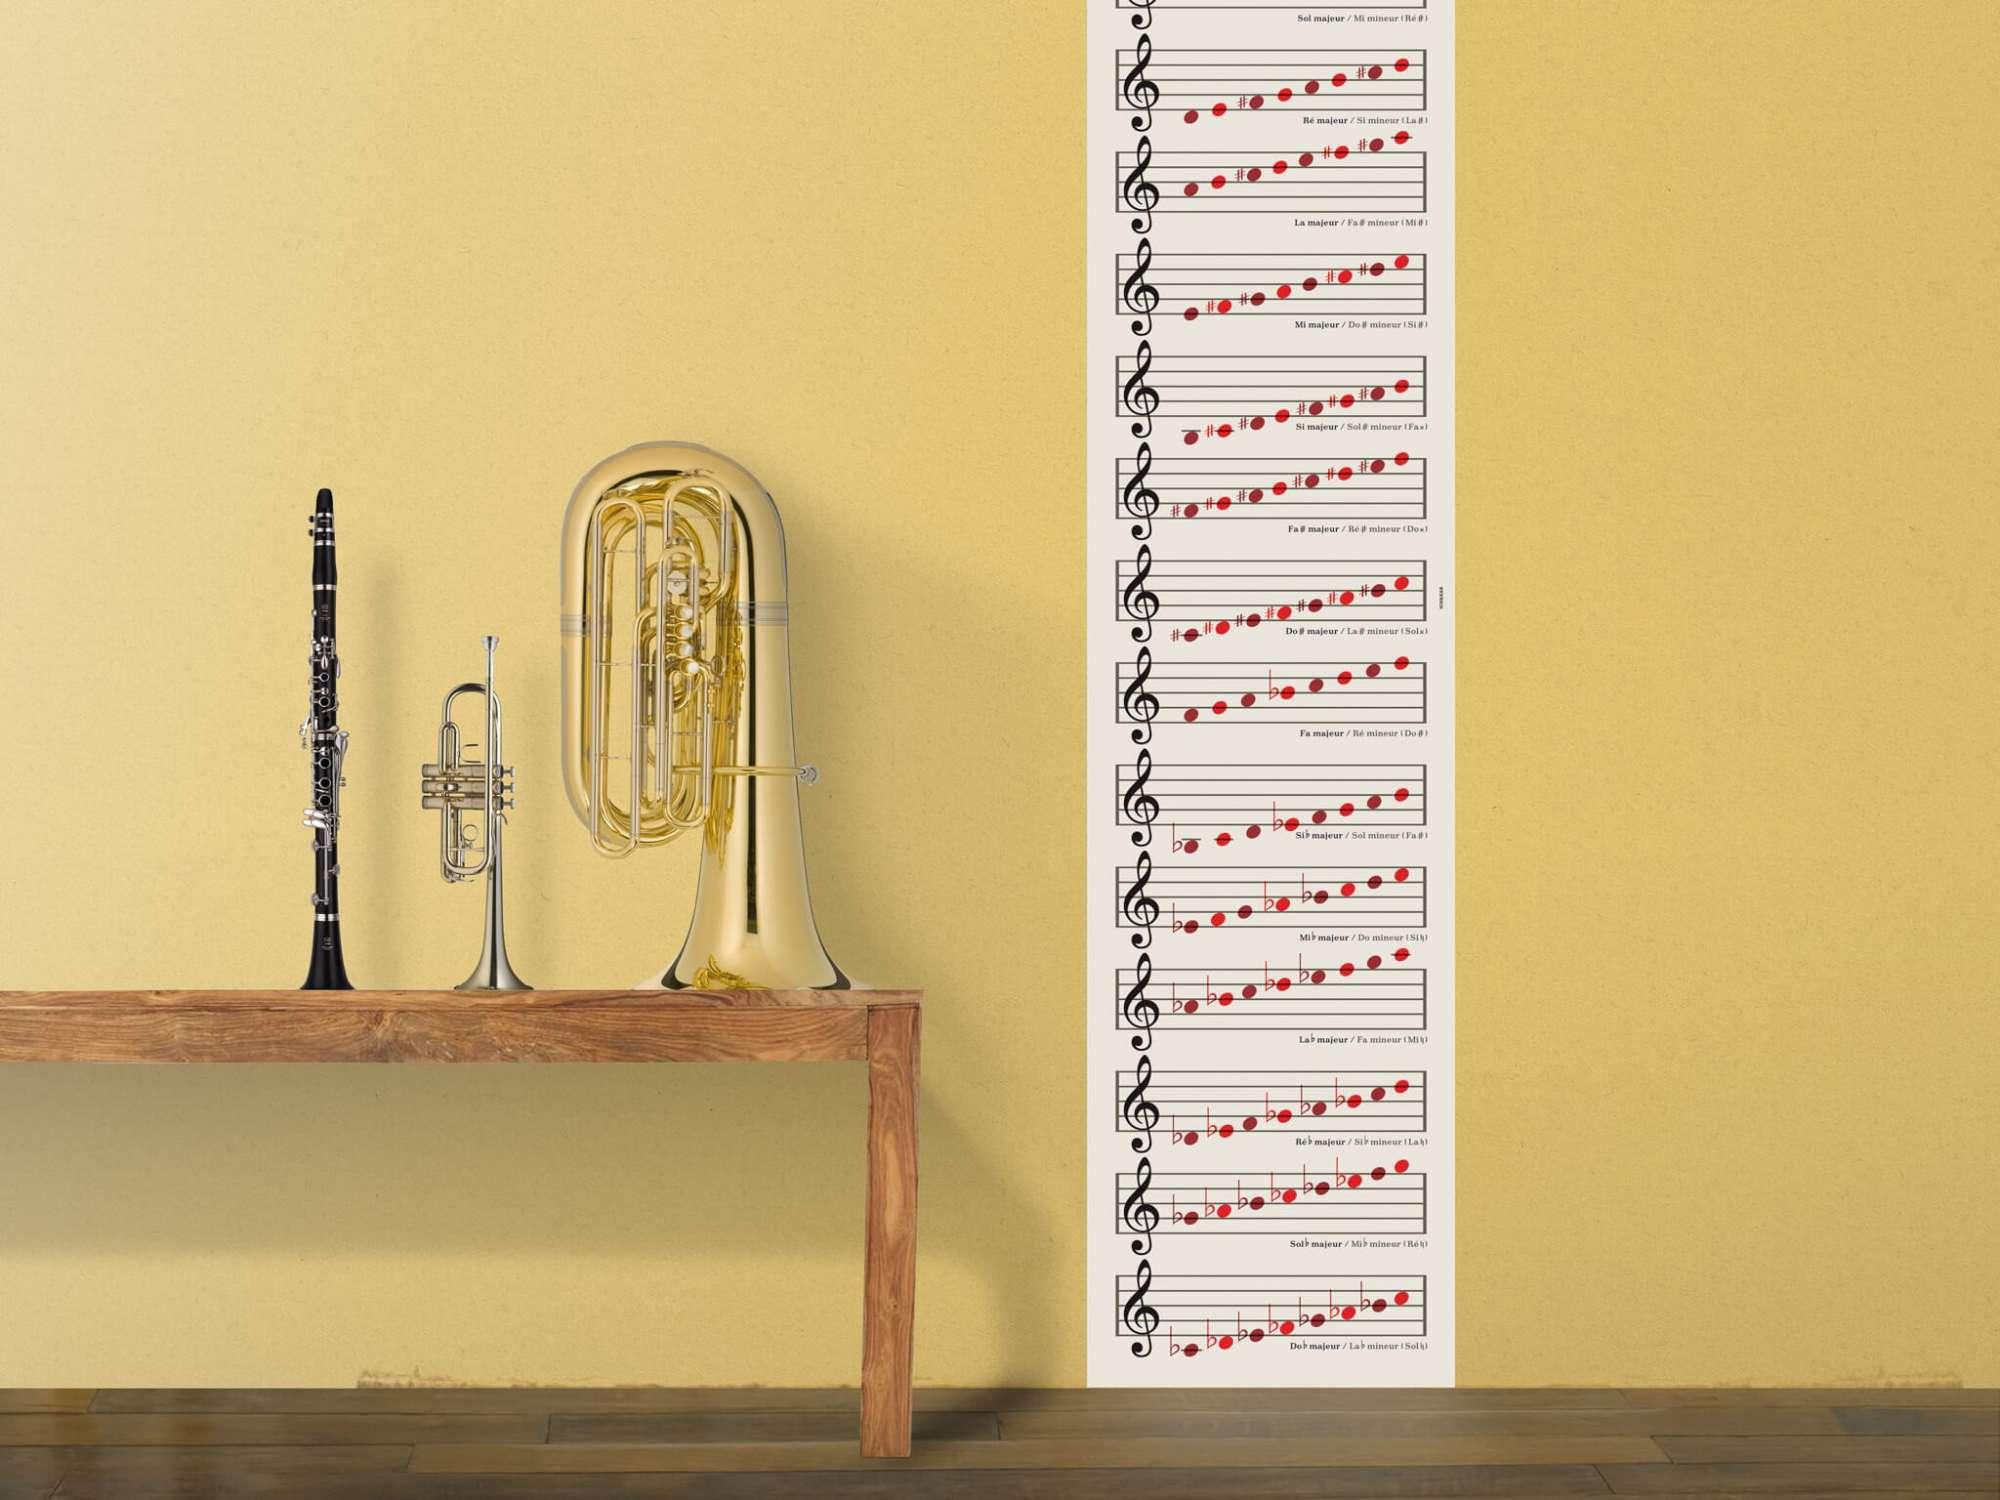 Lé de papier peint musique Clé de sol pour apprendre et décorer votre intérieur, design IchetKar